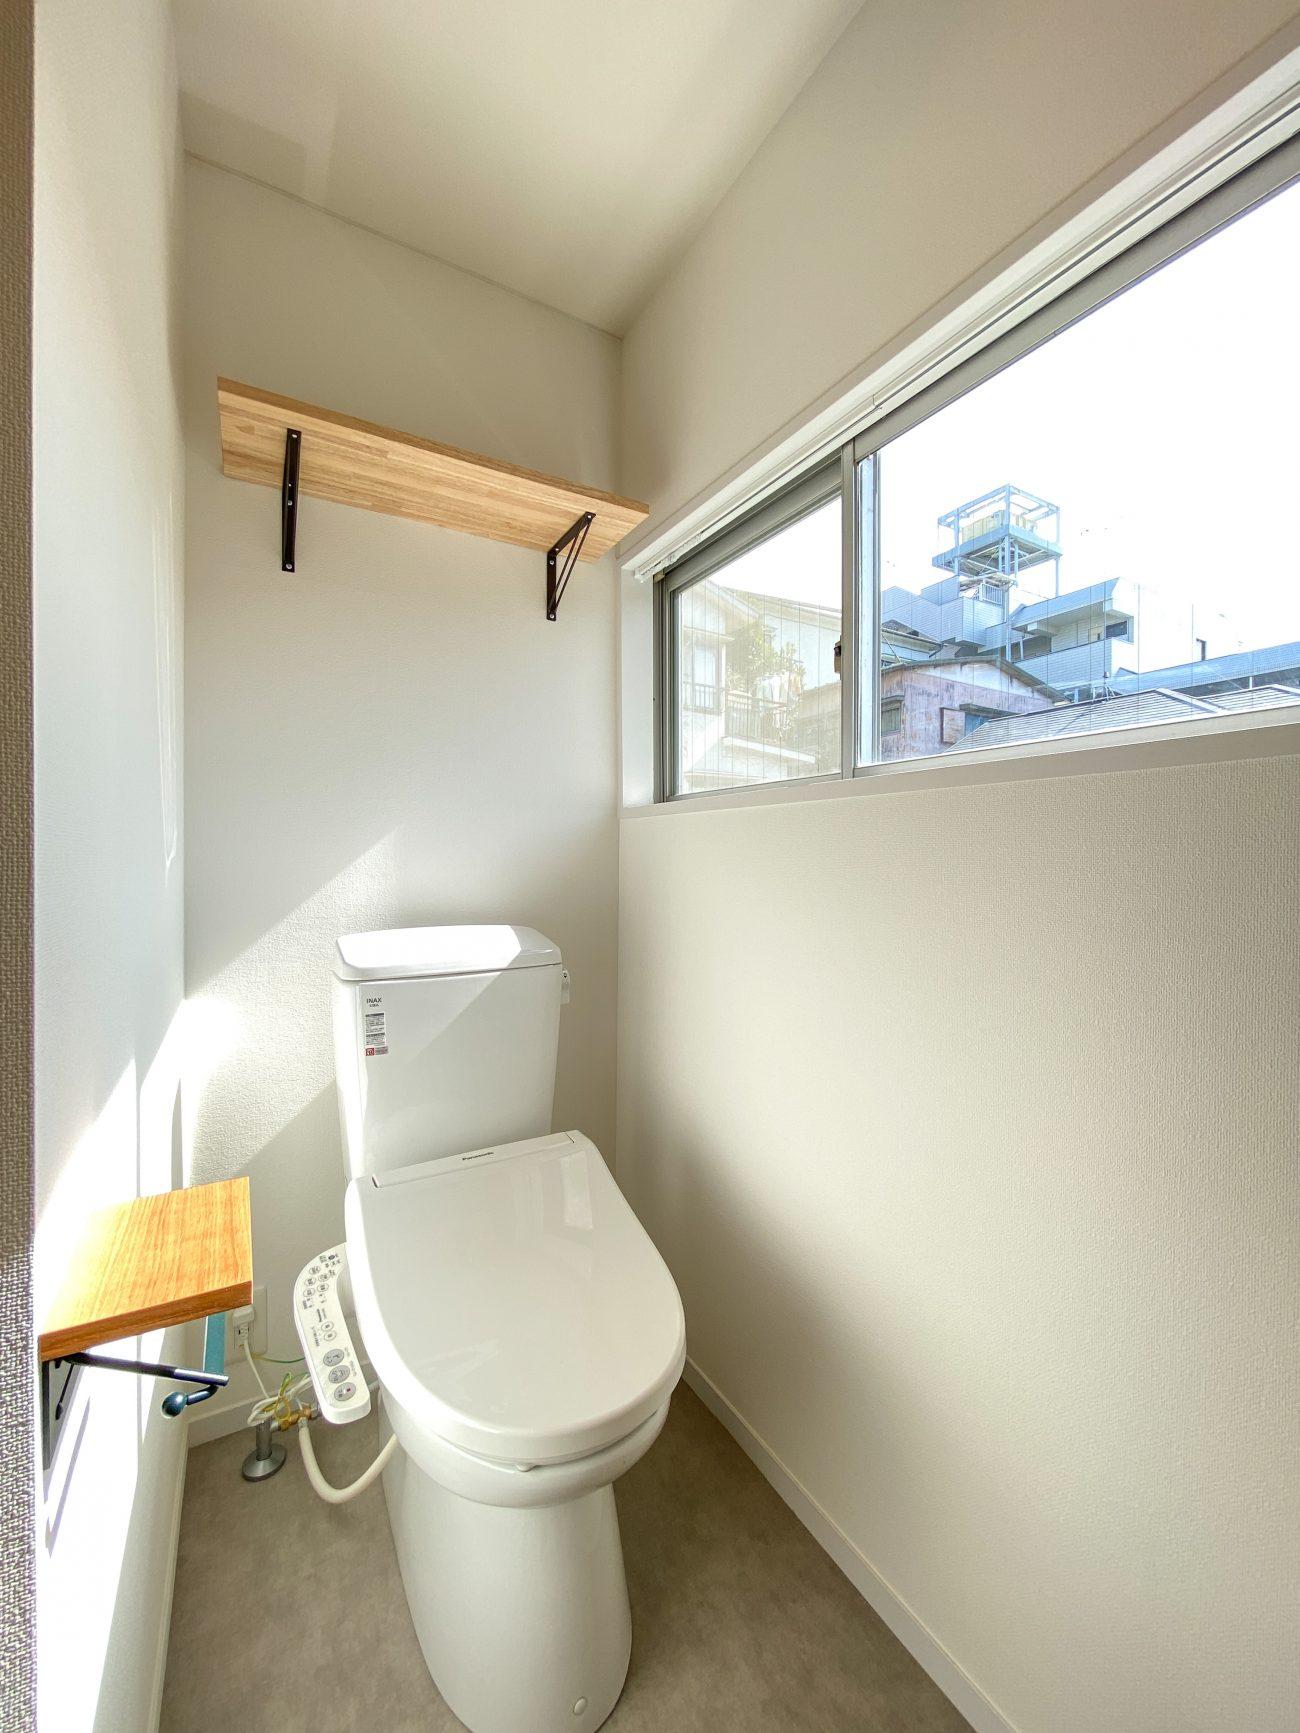 百合ヶ丘 築39年木造 20m2の3点UB1Rをバストイレ別無垢床リノベーションで賃料1万円アップの画像